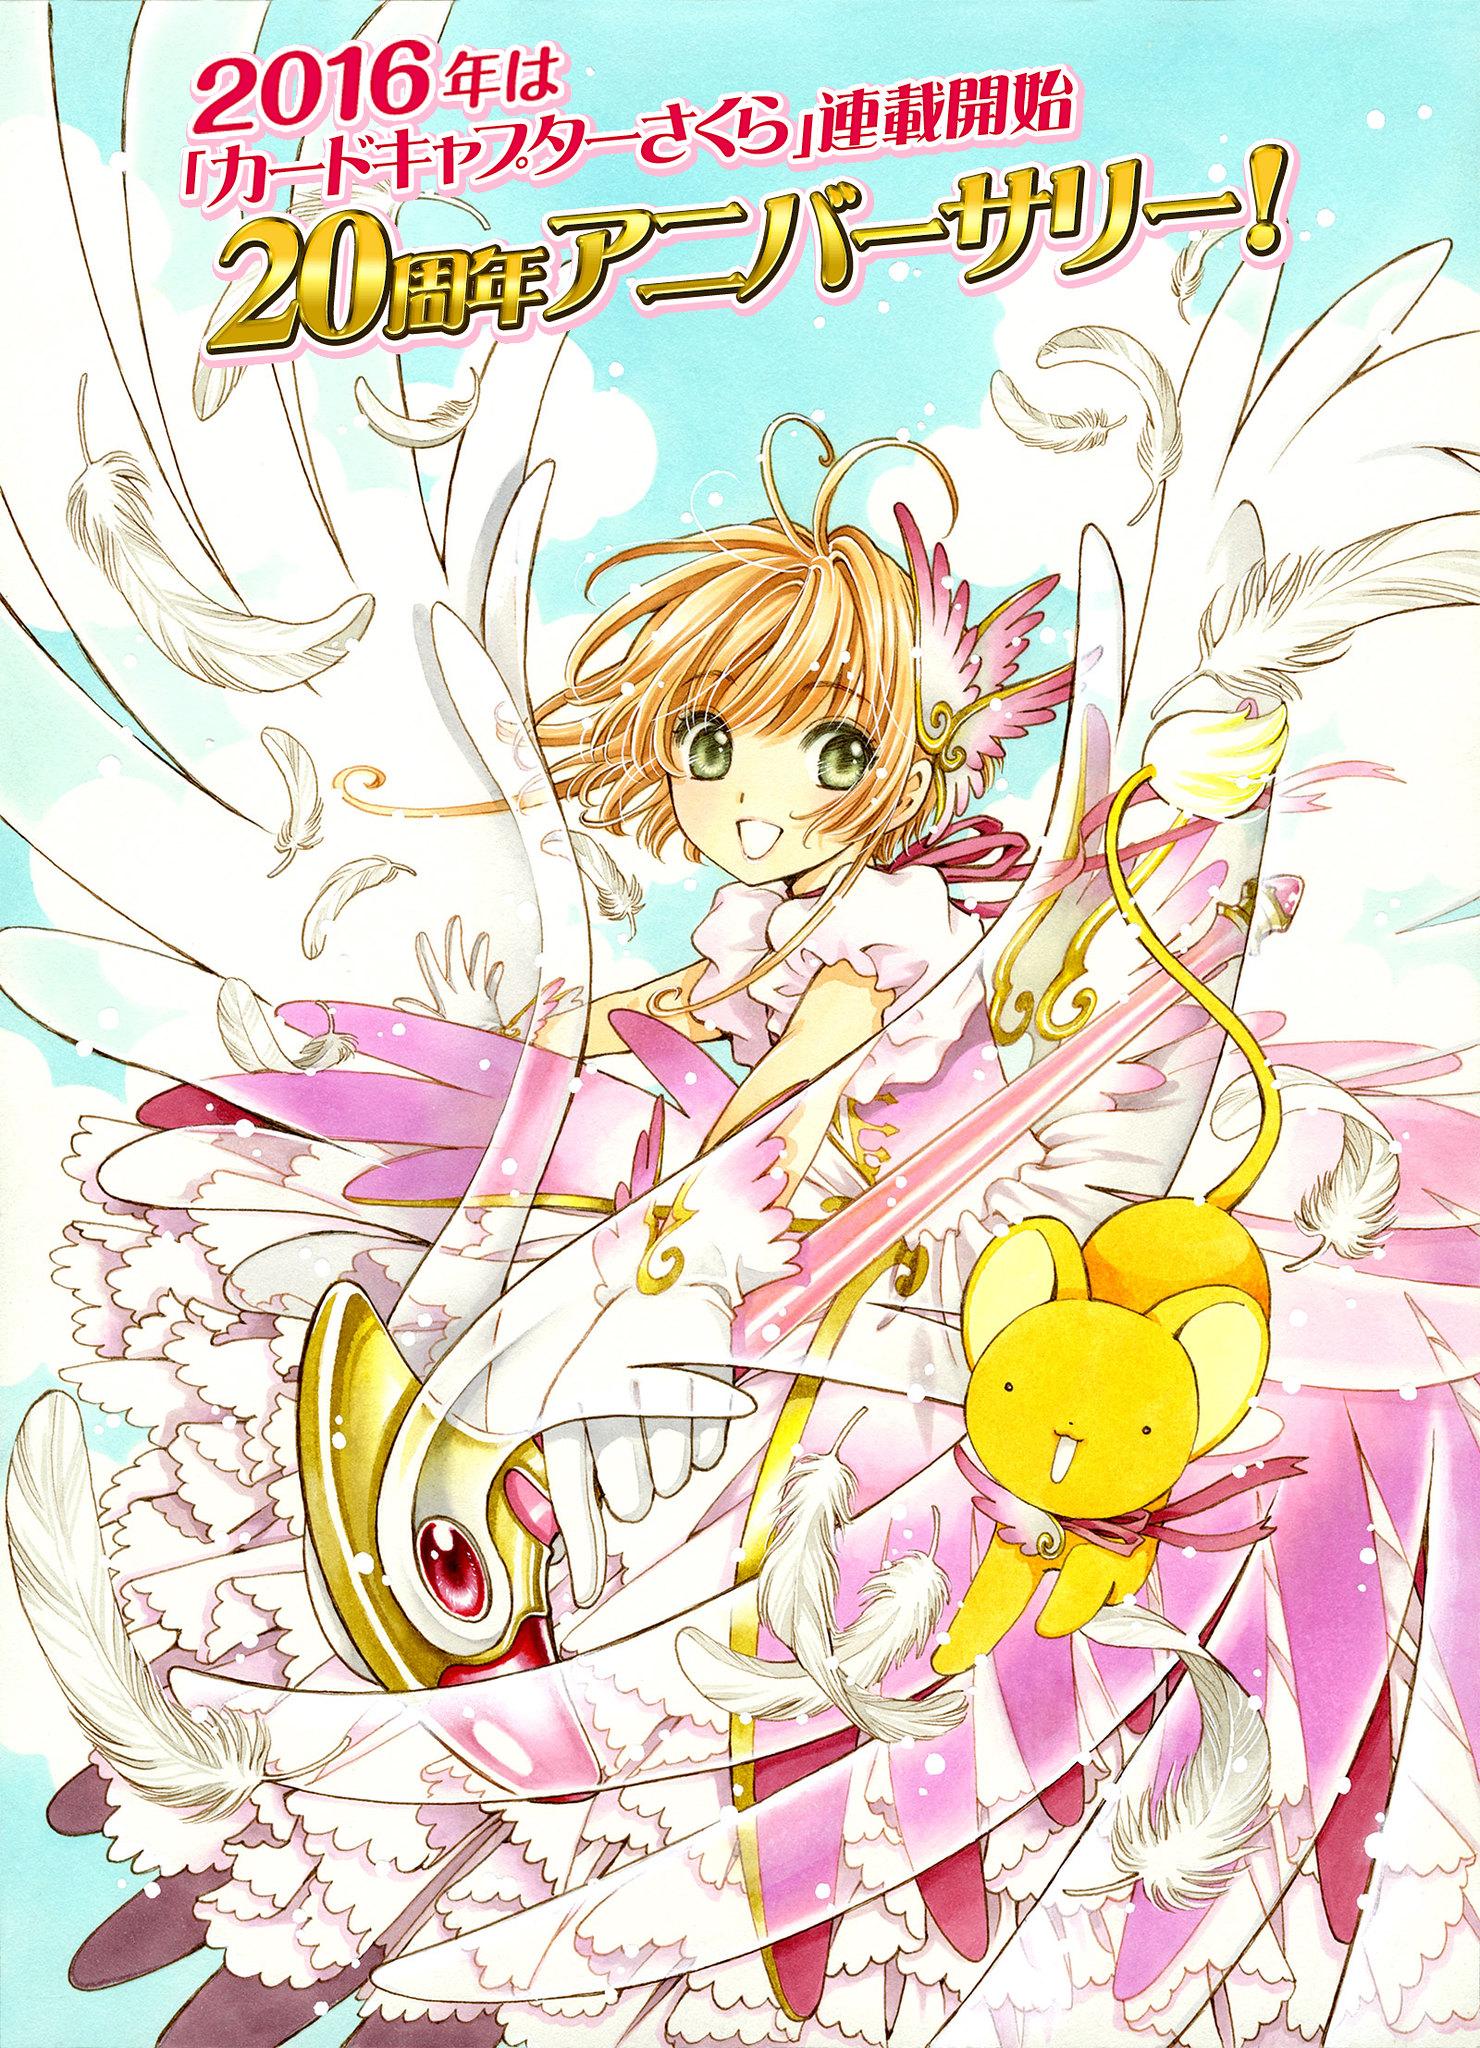 160430 – 中學生「小櫻」也沒問題的唷!CLAMP漫畫《庫洛魔法使》慶祝20週年、續篇6/3正式連載!